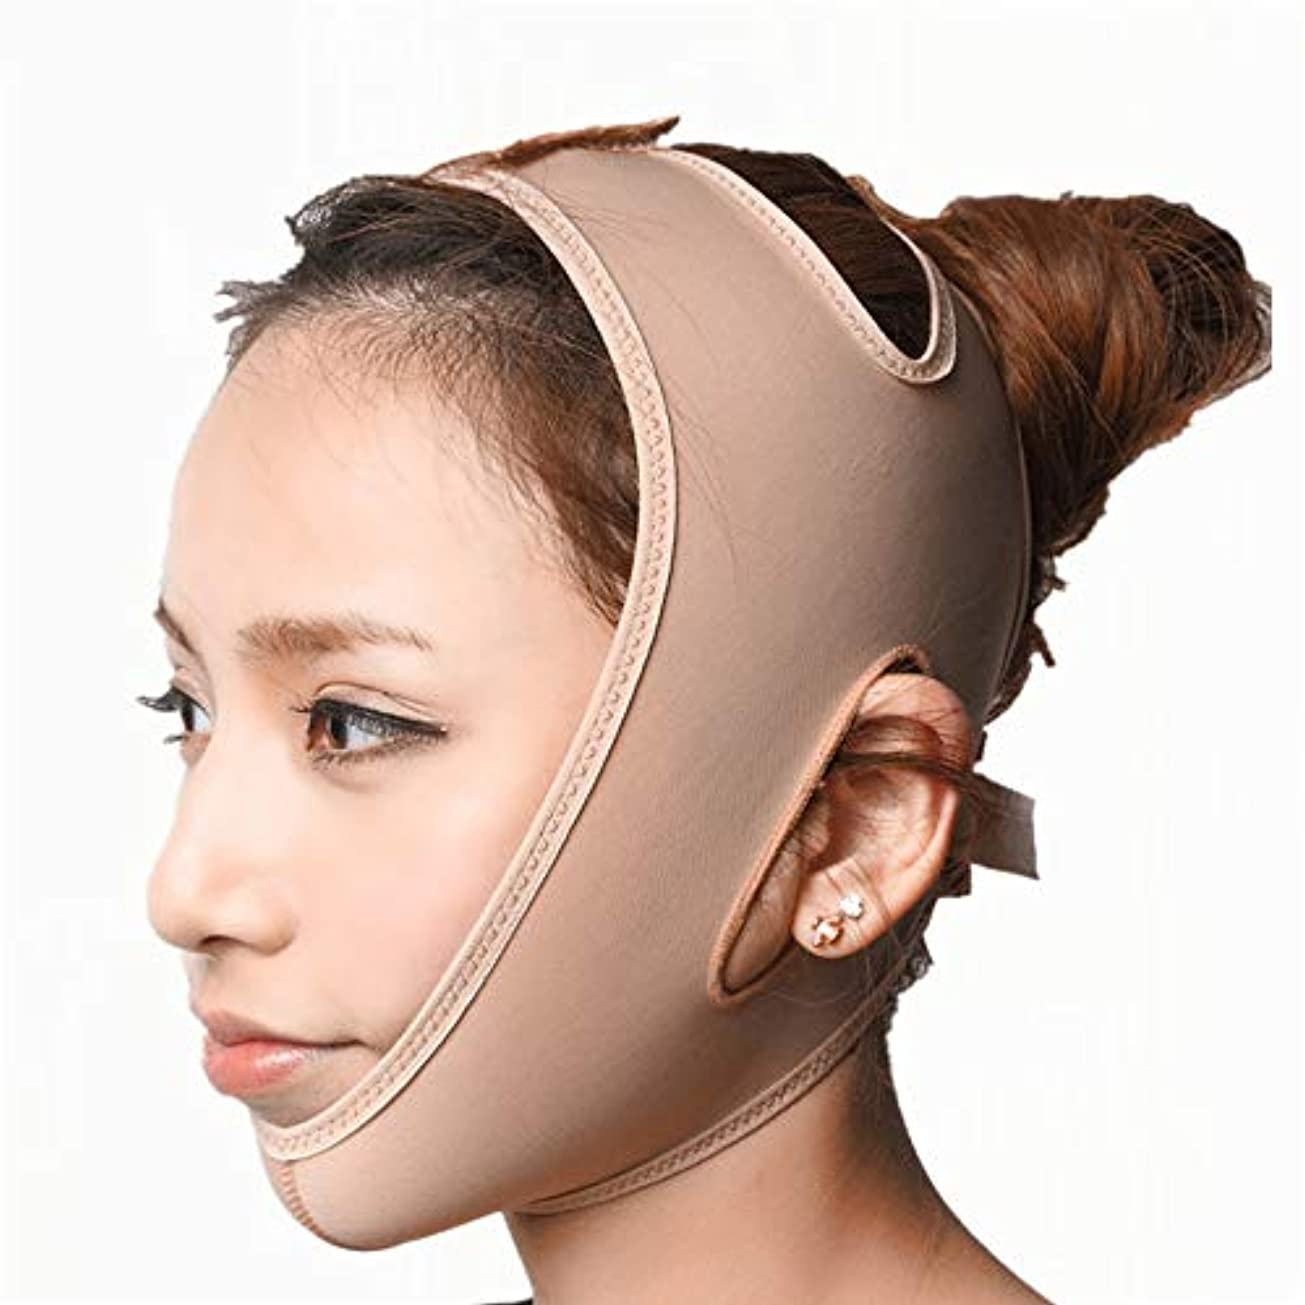 偽装する愛情深い故障薄い顔のベルト - 薄い顔のアーチファクトVの顔の包帯マスクの顔のマッサージャー薄いダブルの顎のデバイス